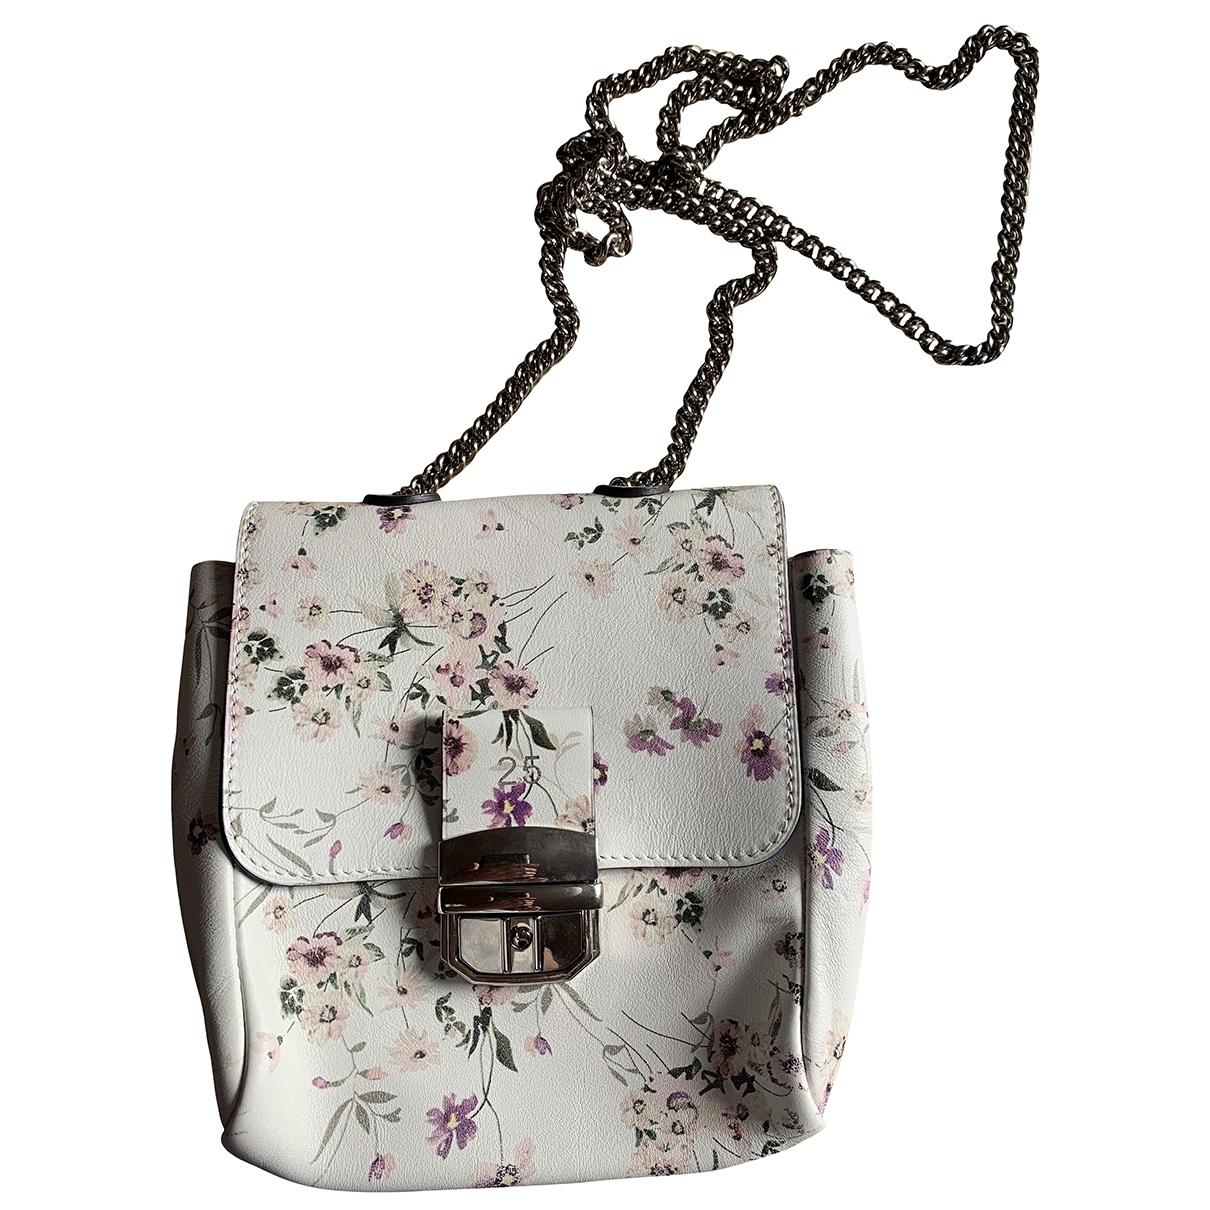 Roseanna \N Handtasche in  Weiss Leder